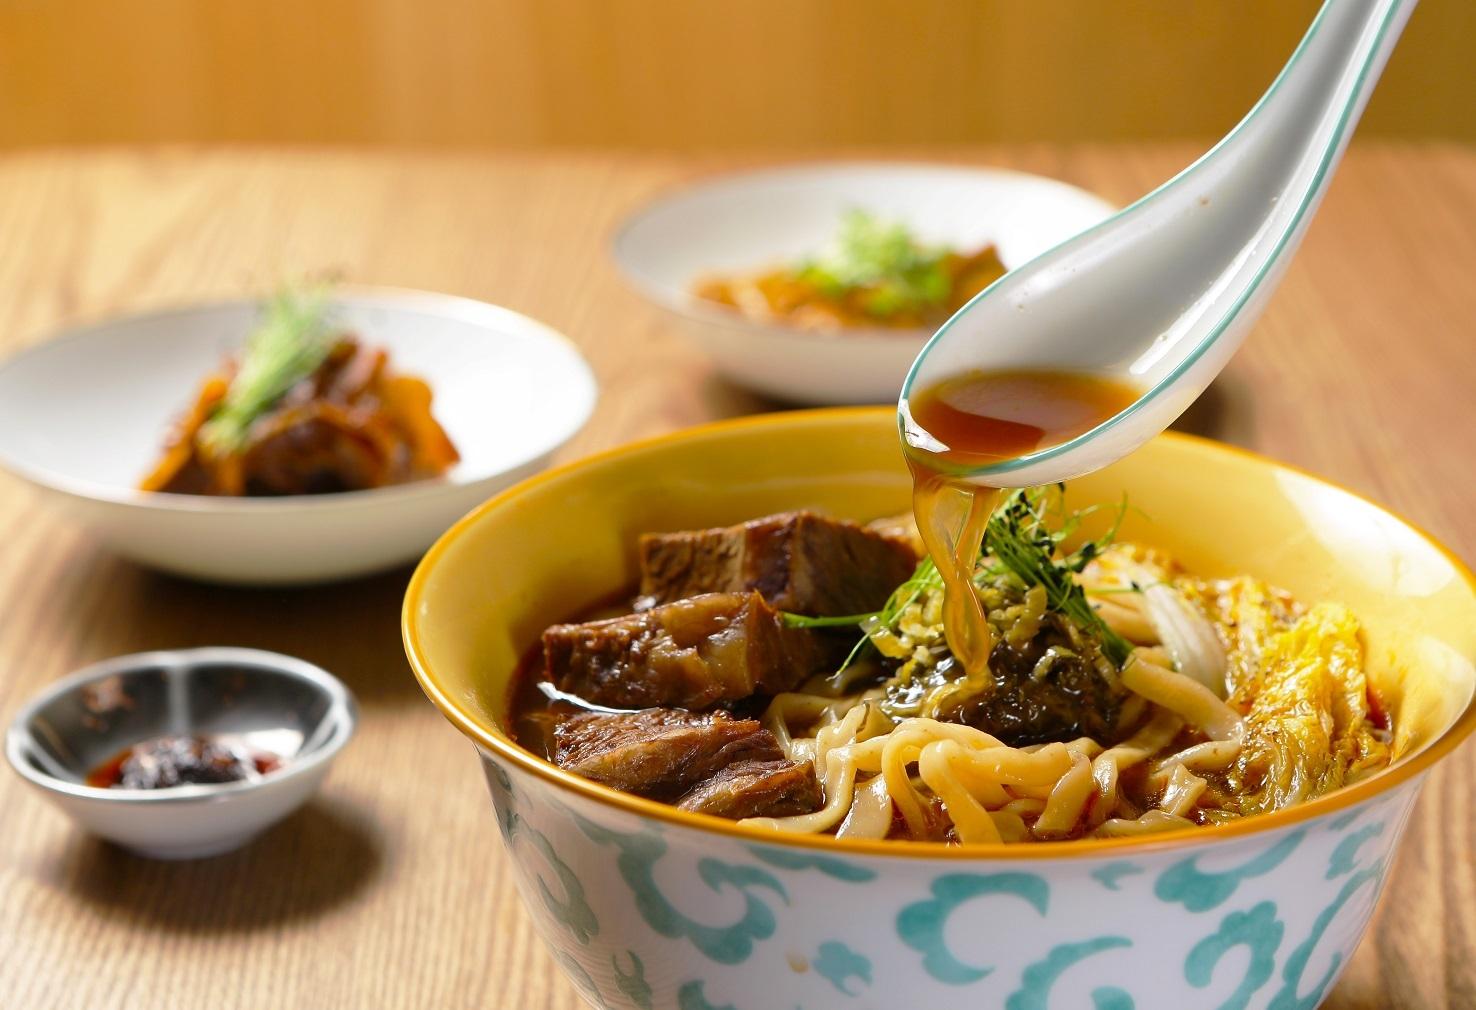 國產大豆釀醬油    頂級法式餐入菜迸新滋味